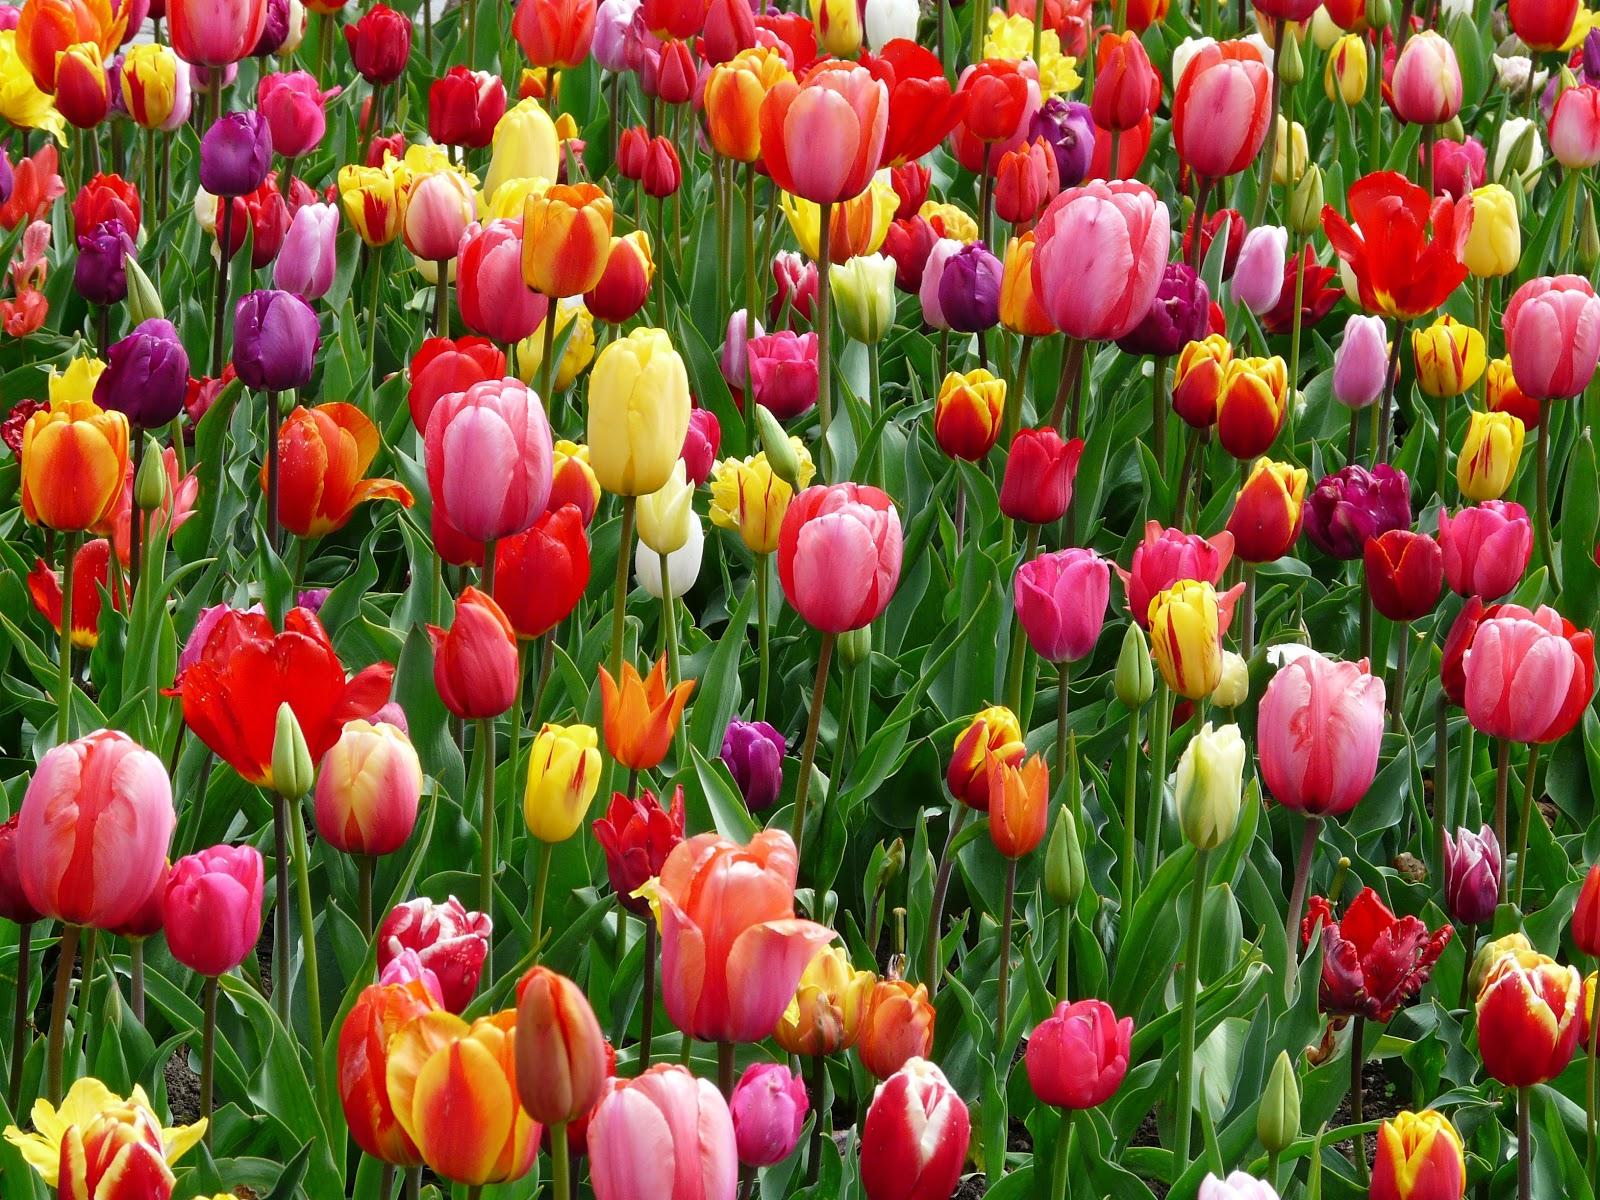 色とりどりに咲いたチューリップ